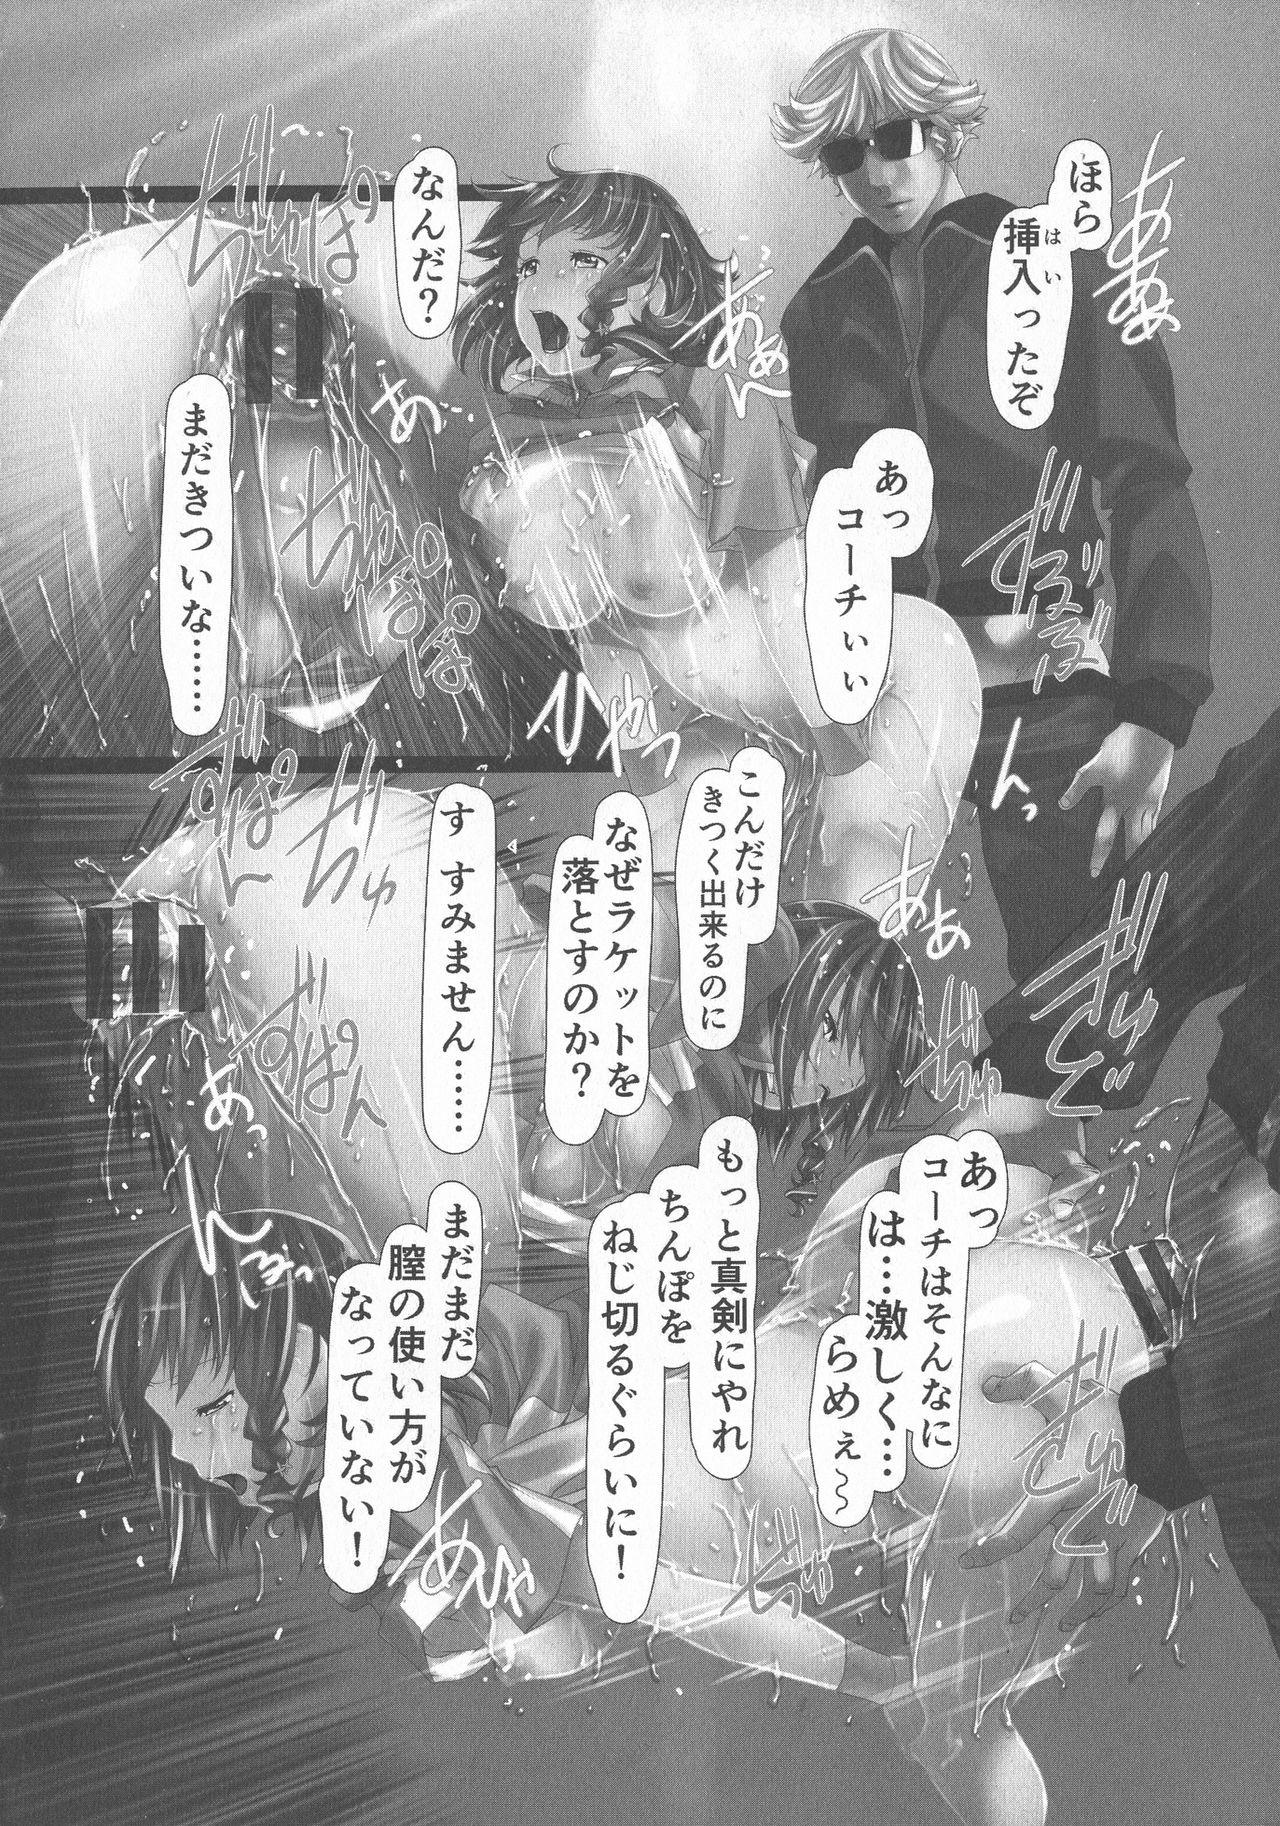 Jochiku no Utage 163